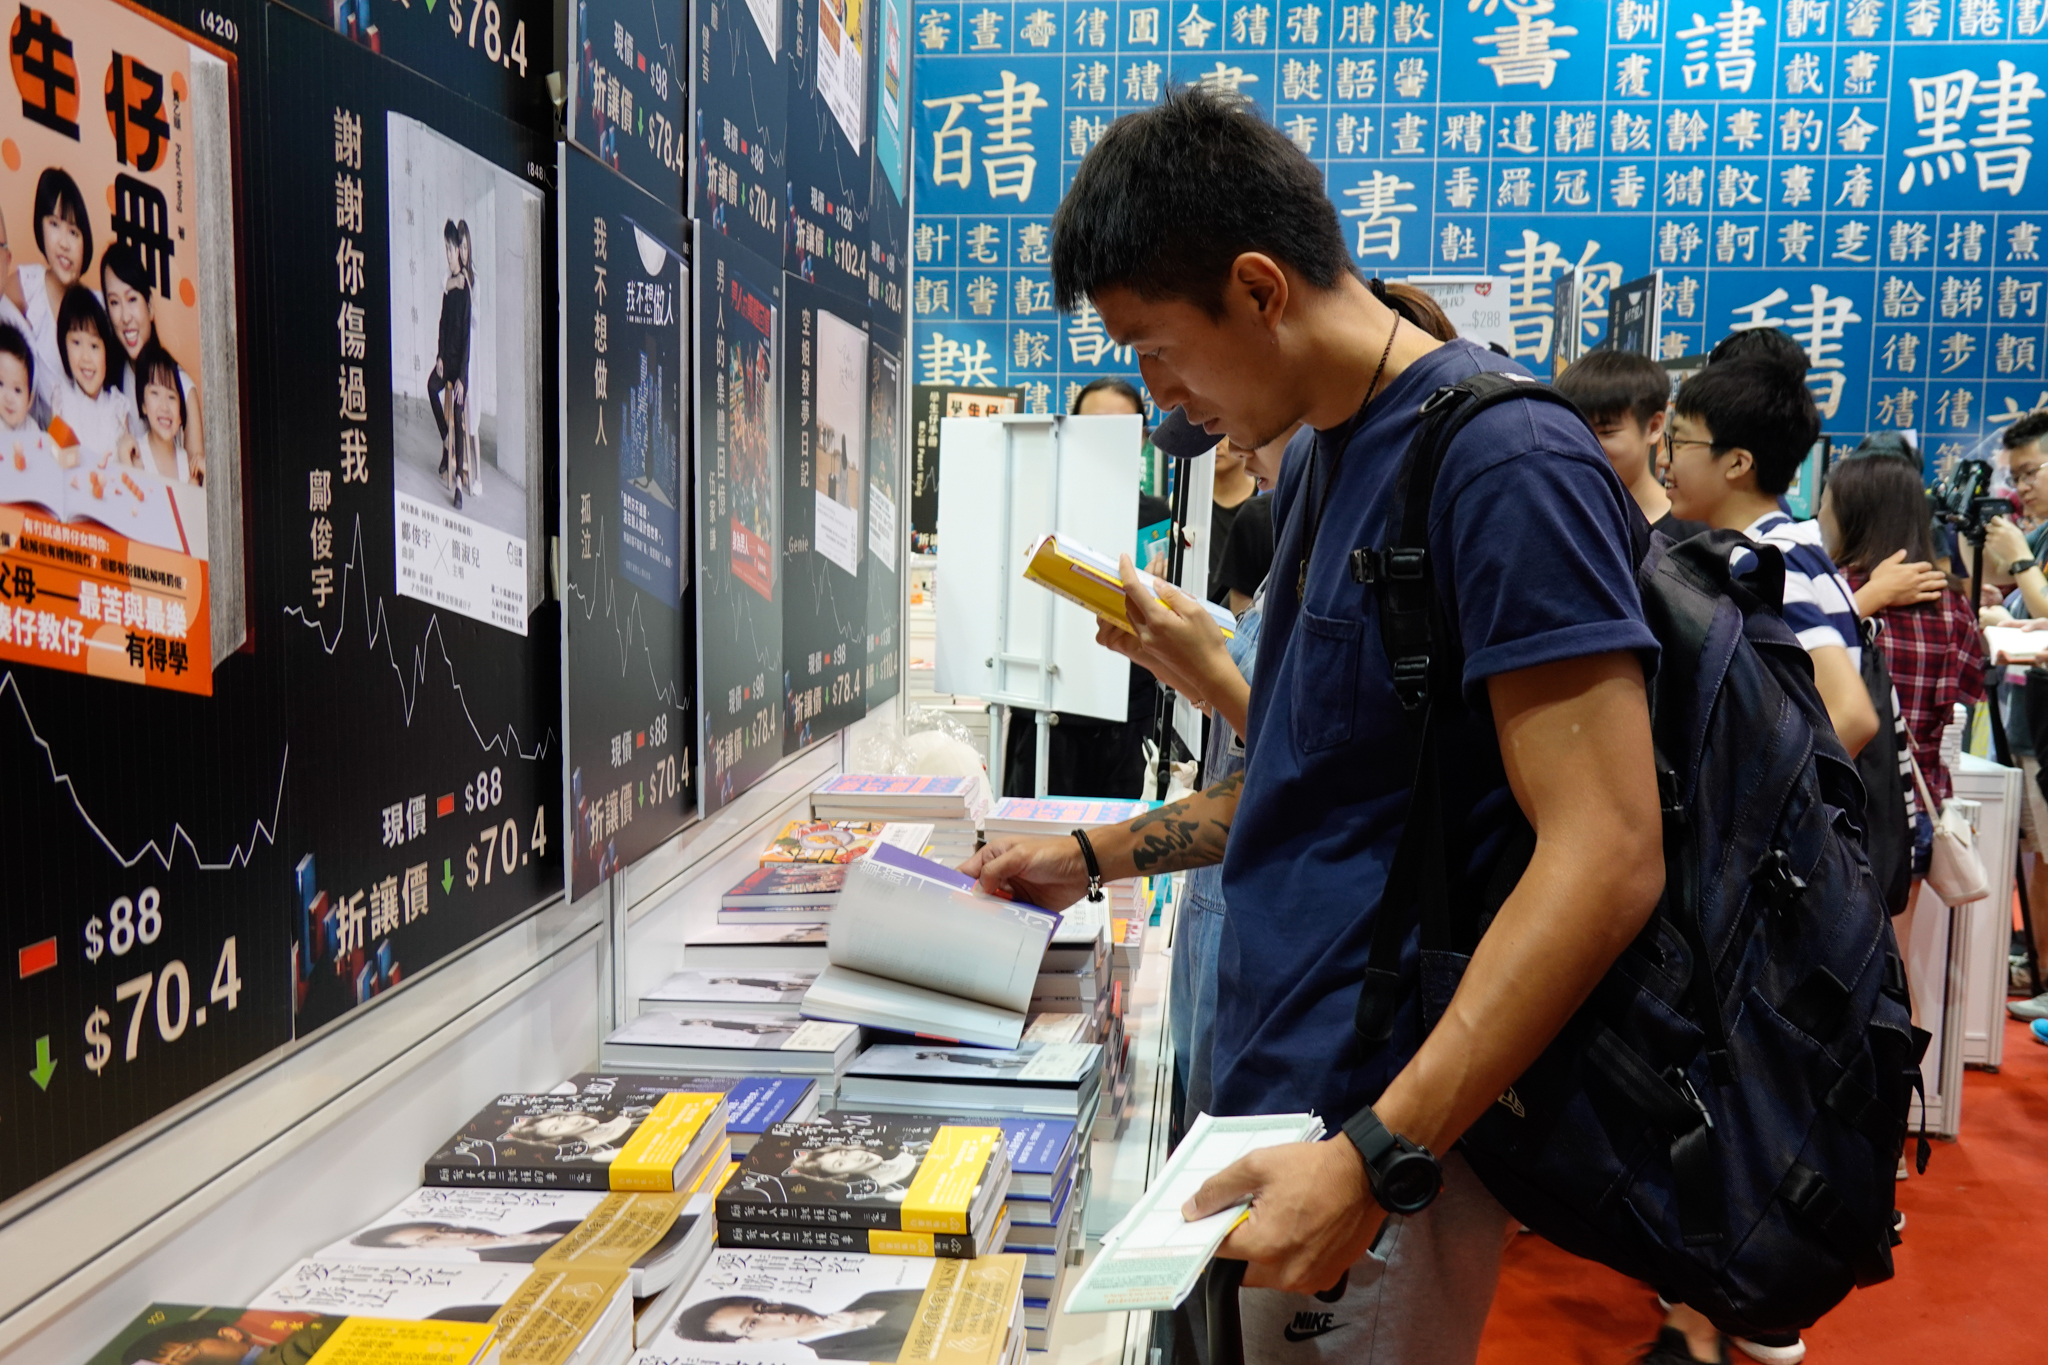 Hong Kong Book Fair 2018